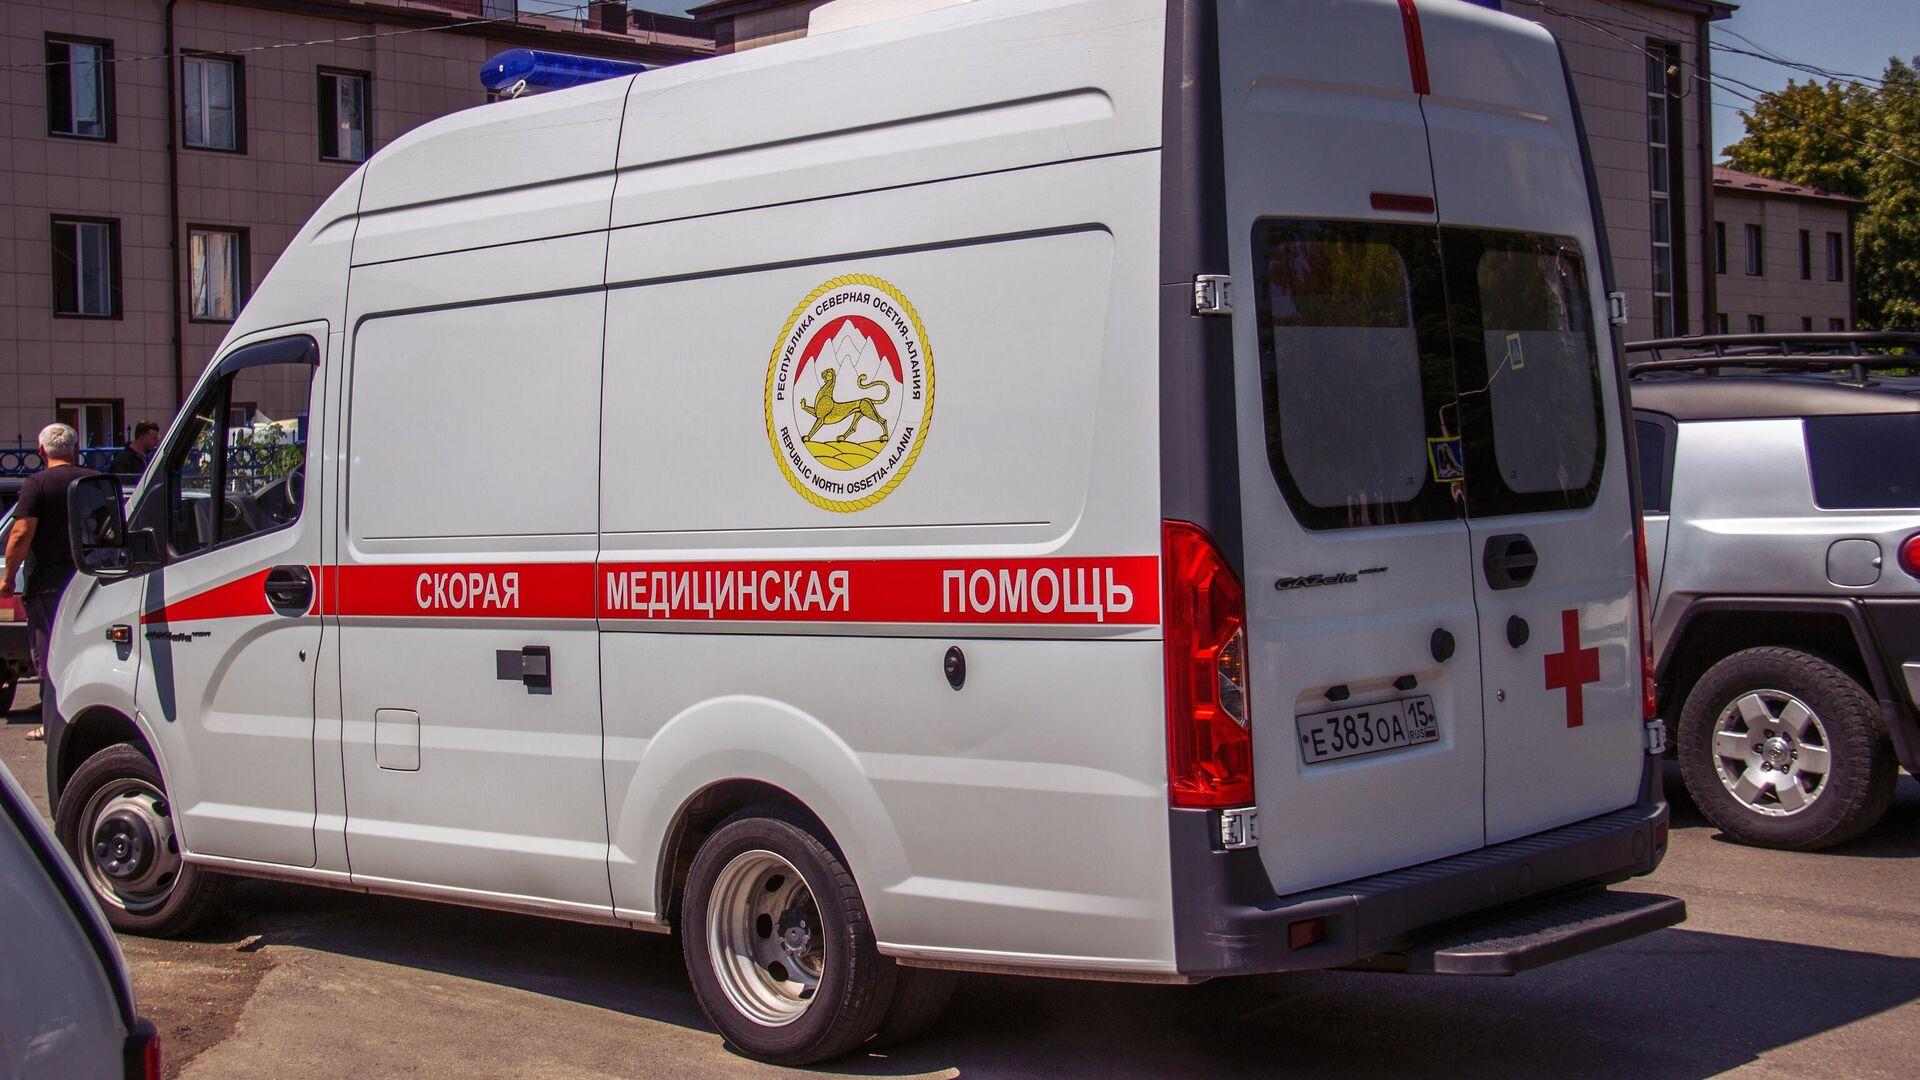 Автомобиль скорой медицинской помощи возле Республиканской клинической больницы скорой медицинской помощи во Владикавказе - РИА Новости, 1920, 25.08.2021